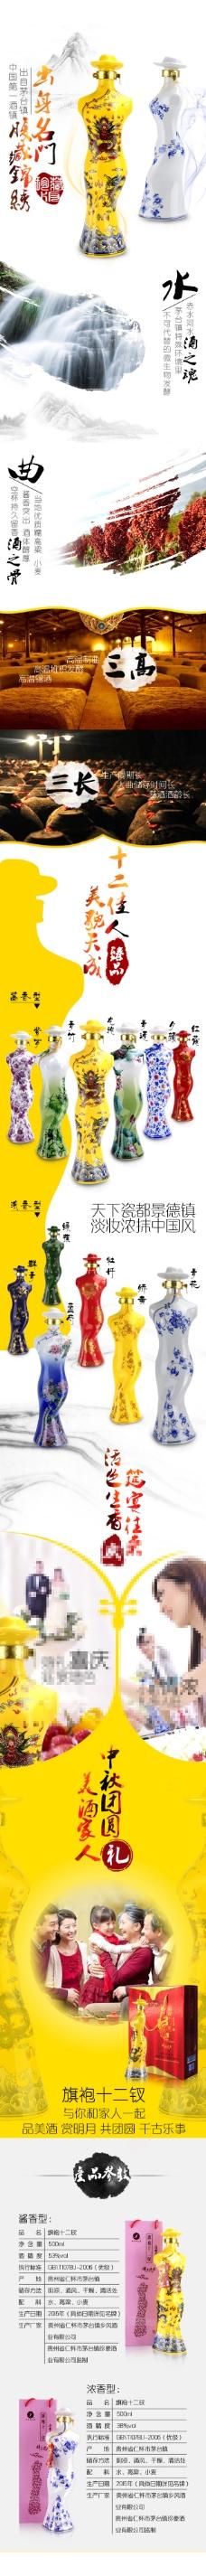 白酒中國風詳情頁